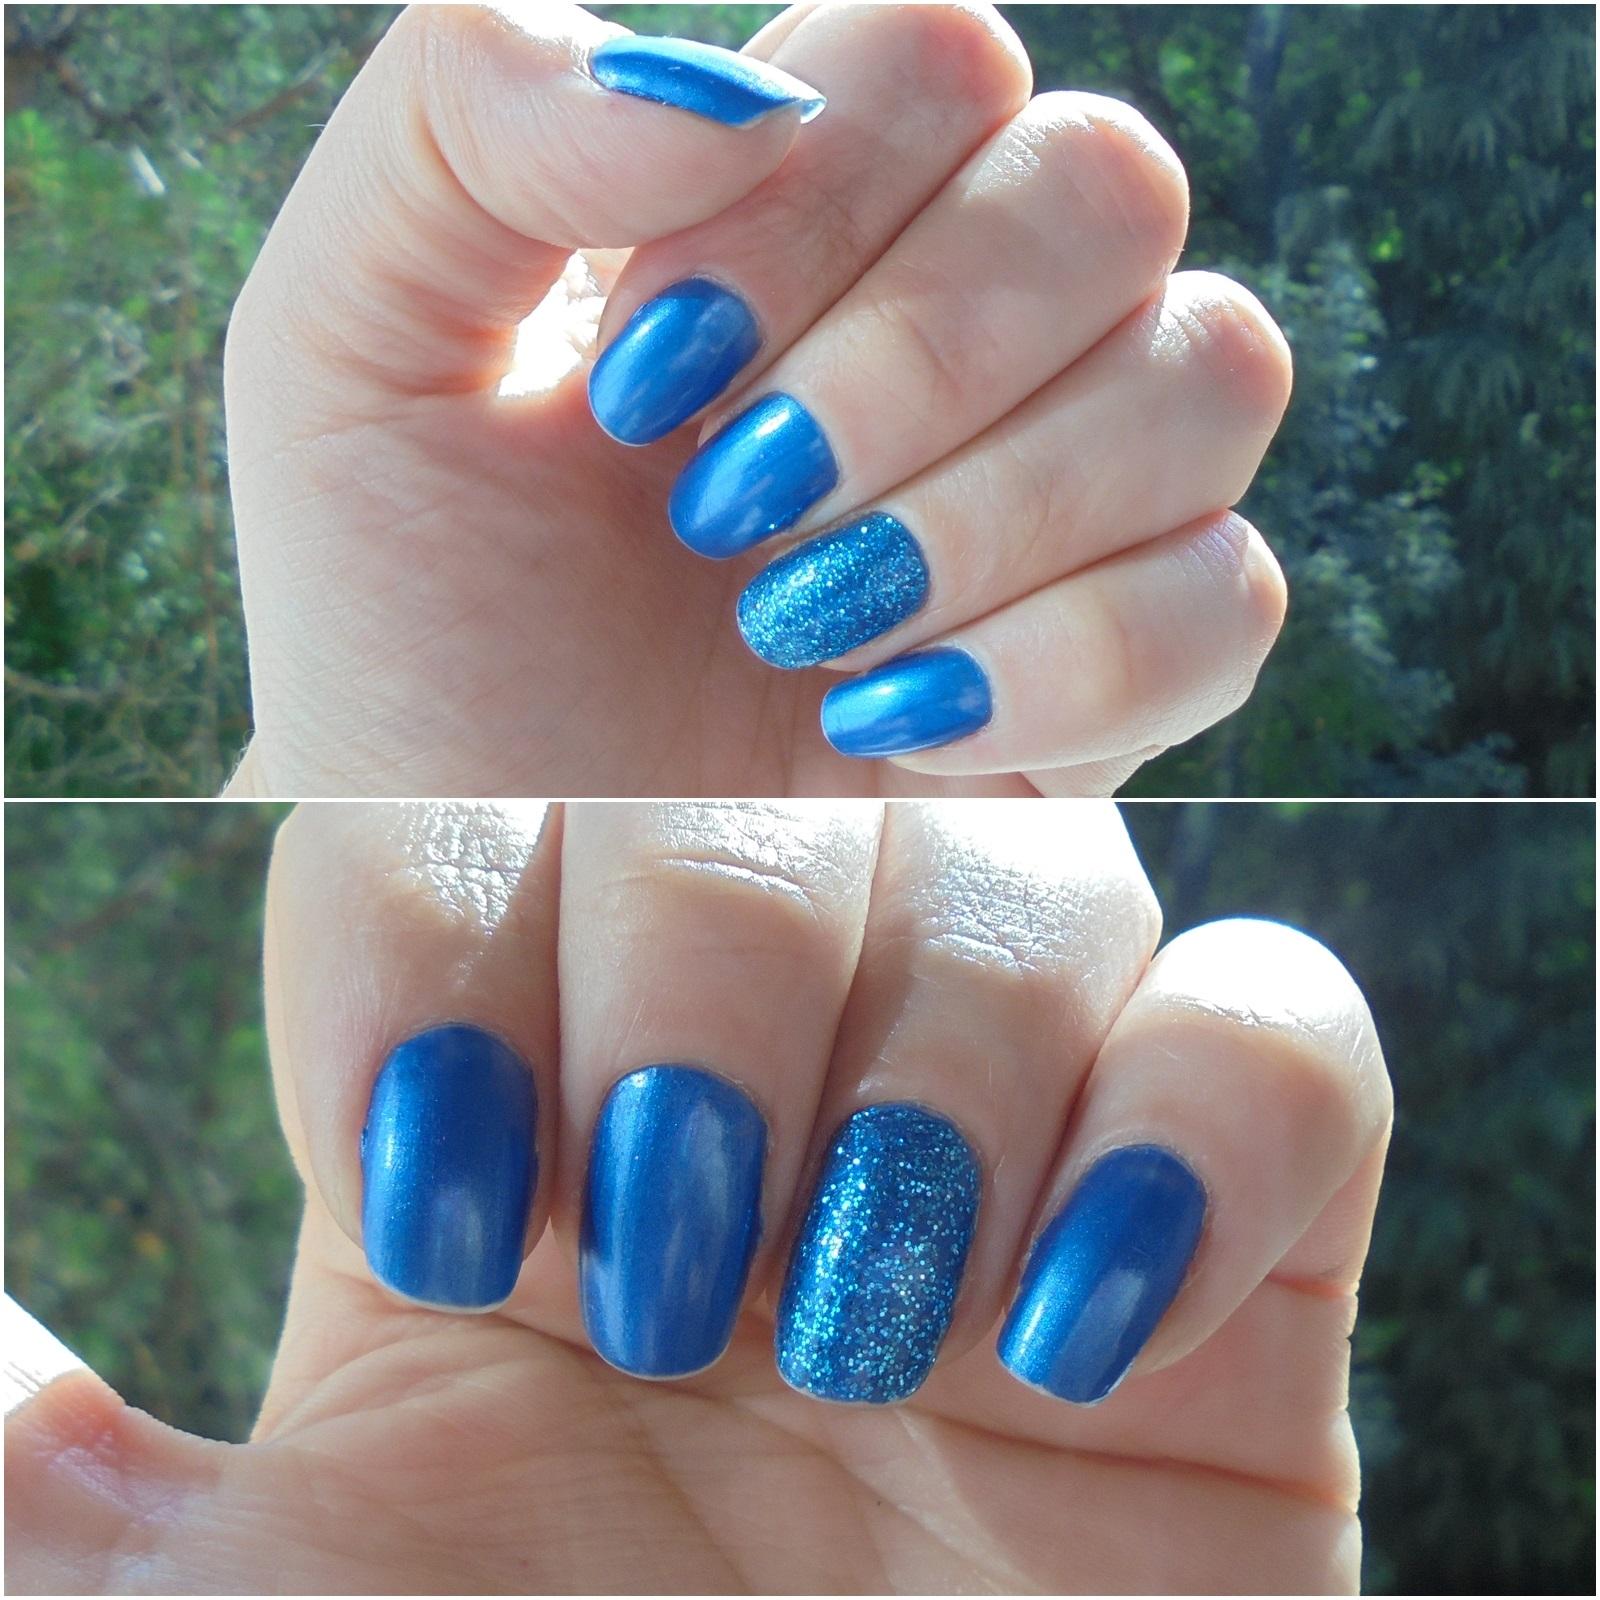 unhas-da-semana-kiko-cosmetics-nail-lacquer-267-3